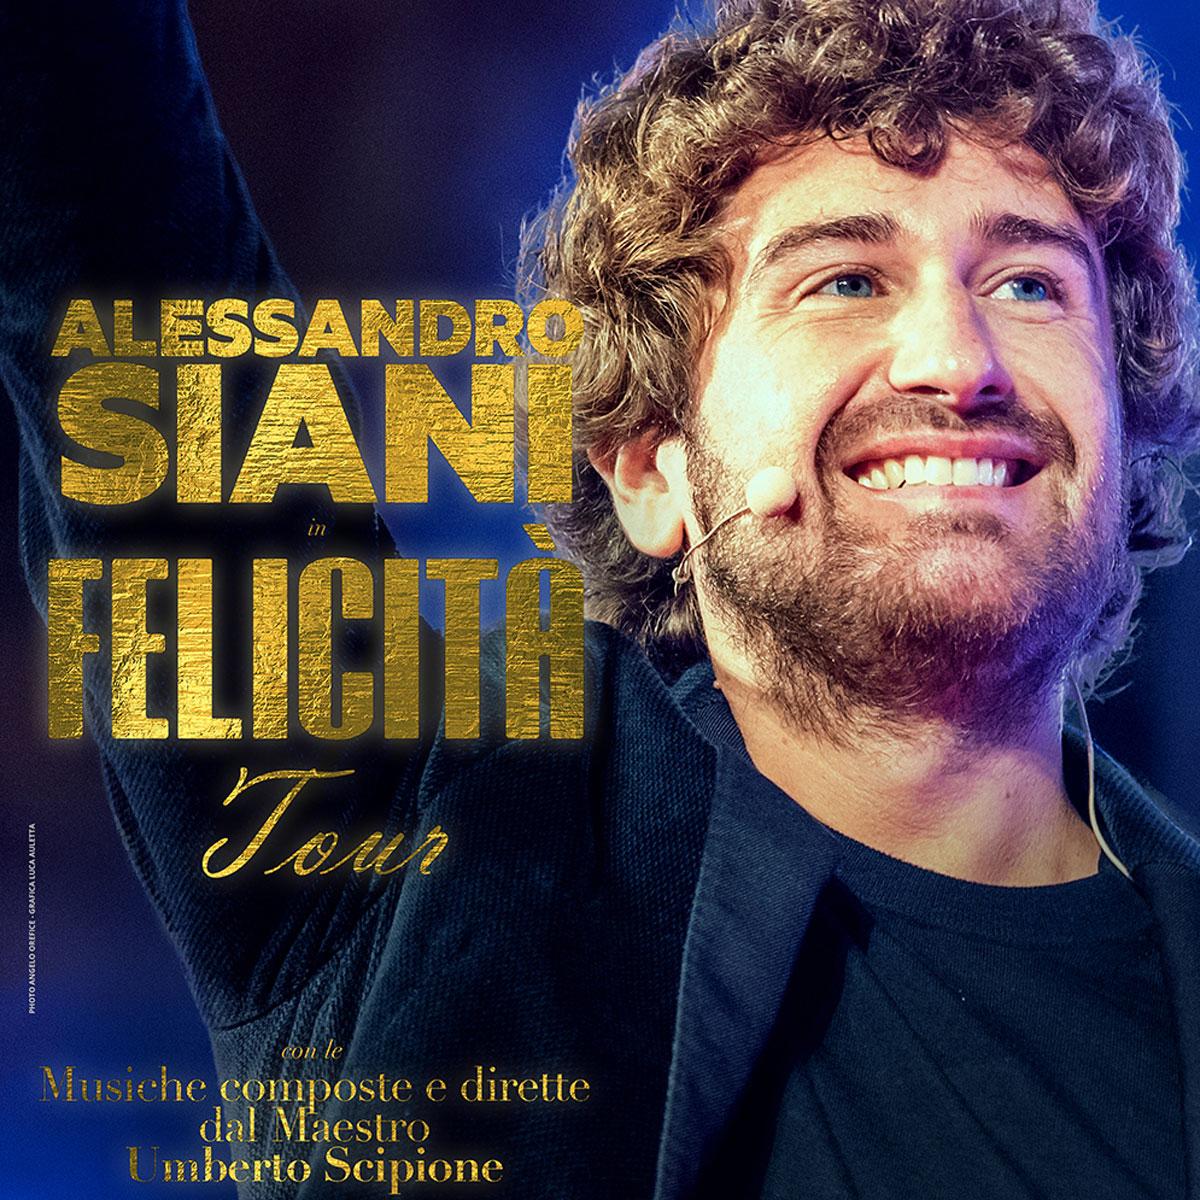 """ALESSANDRO SIANI PORTA IL SUO """"FELICITÀ TOUR""""  NEI PIÙ GRANDI TEATRI ITALIANI"""